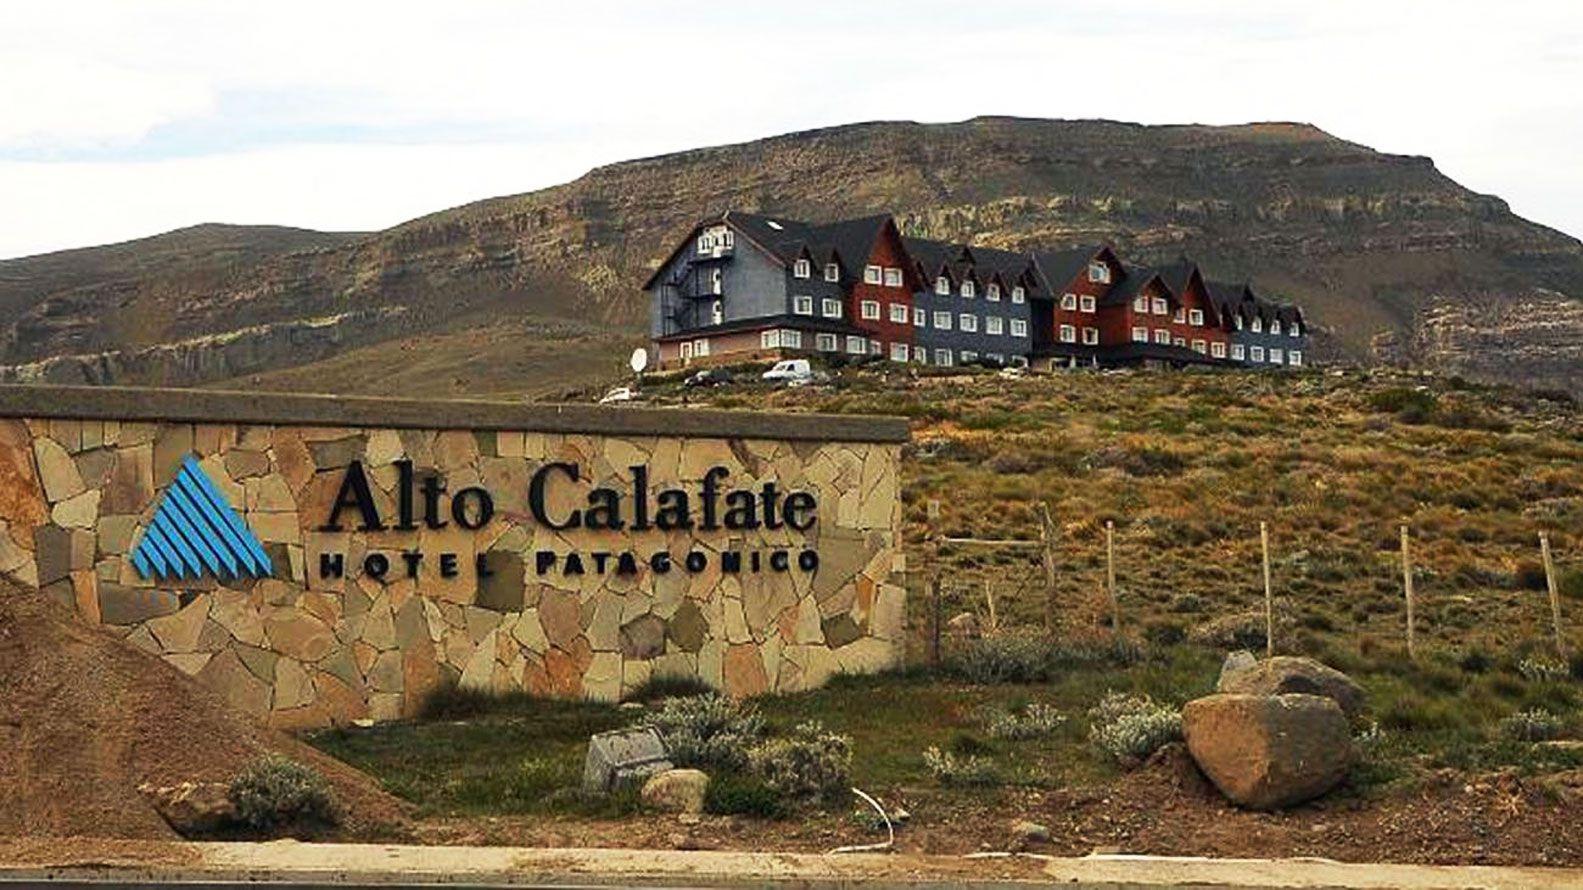 El Hotel Alto Calafate, propiedad de la empresa Hotesur (Foto de archivo)